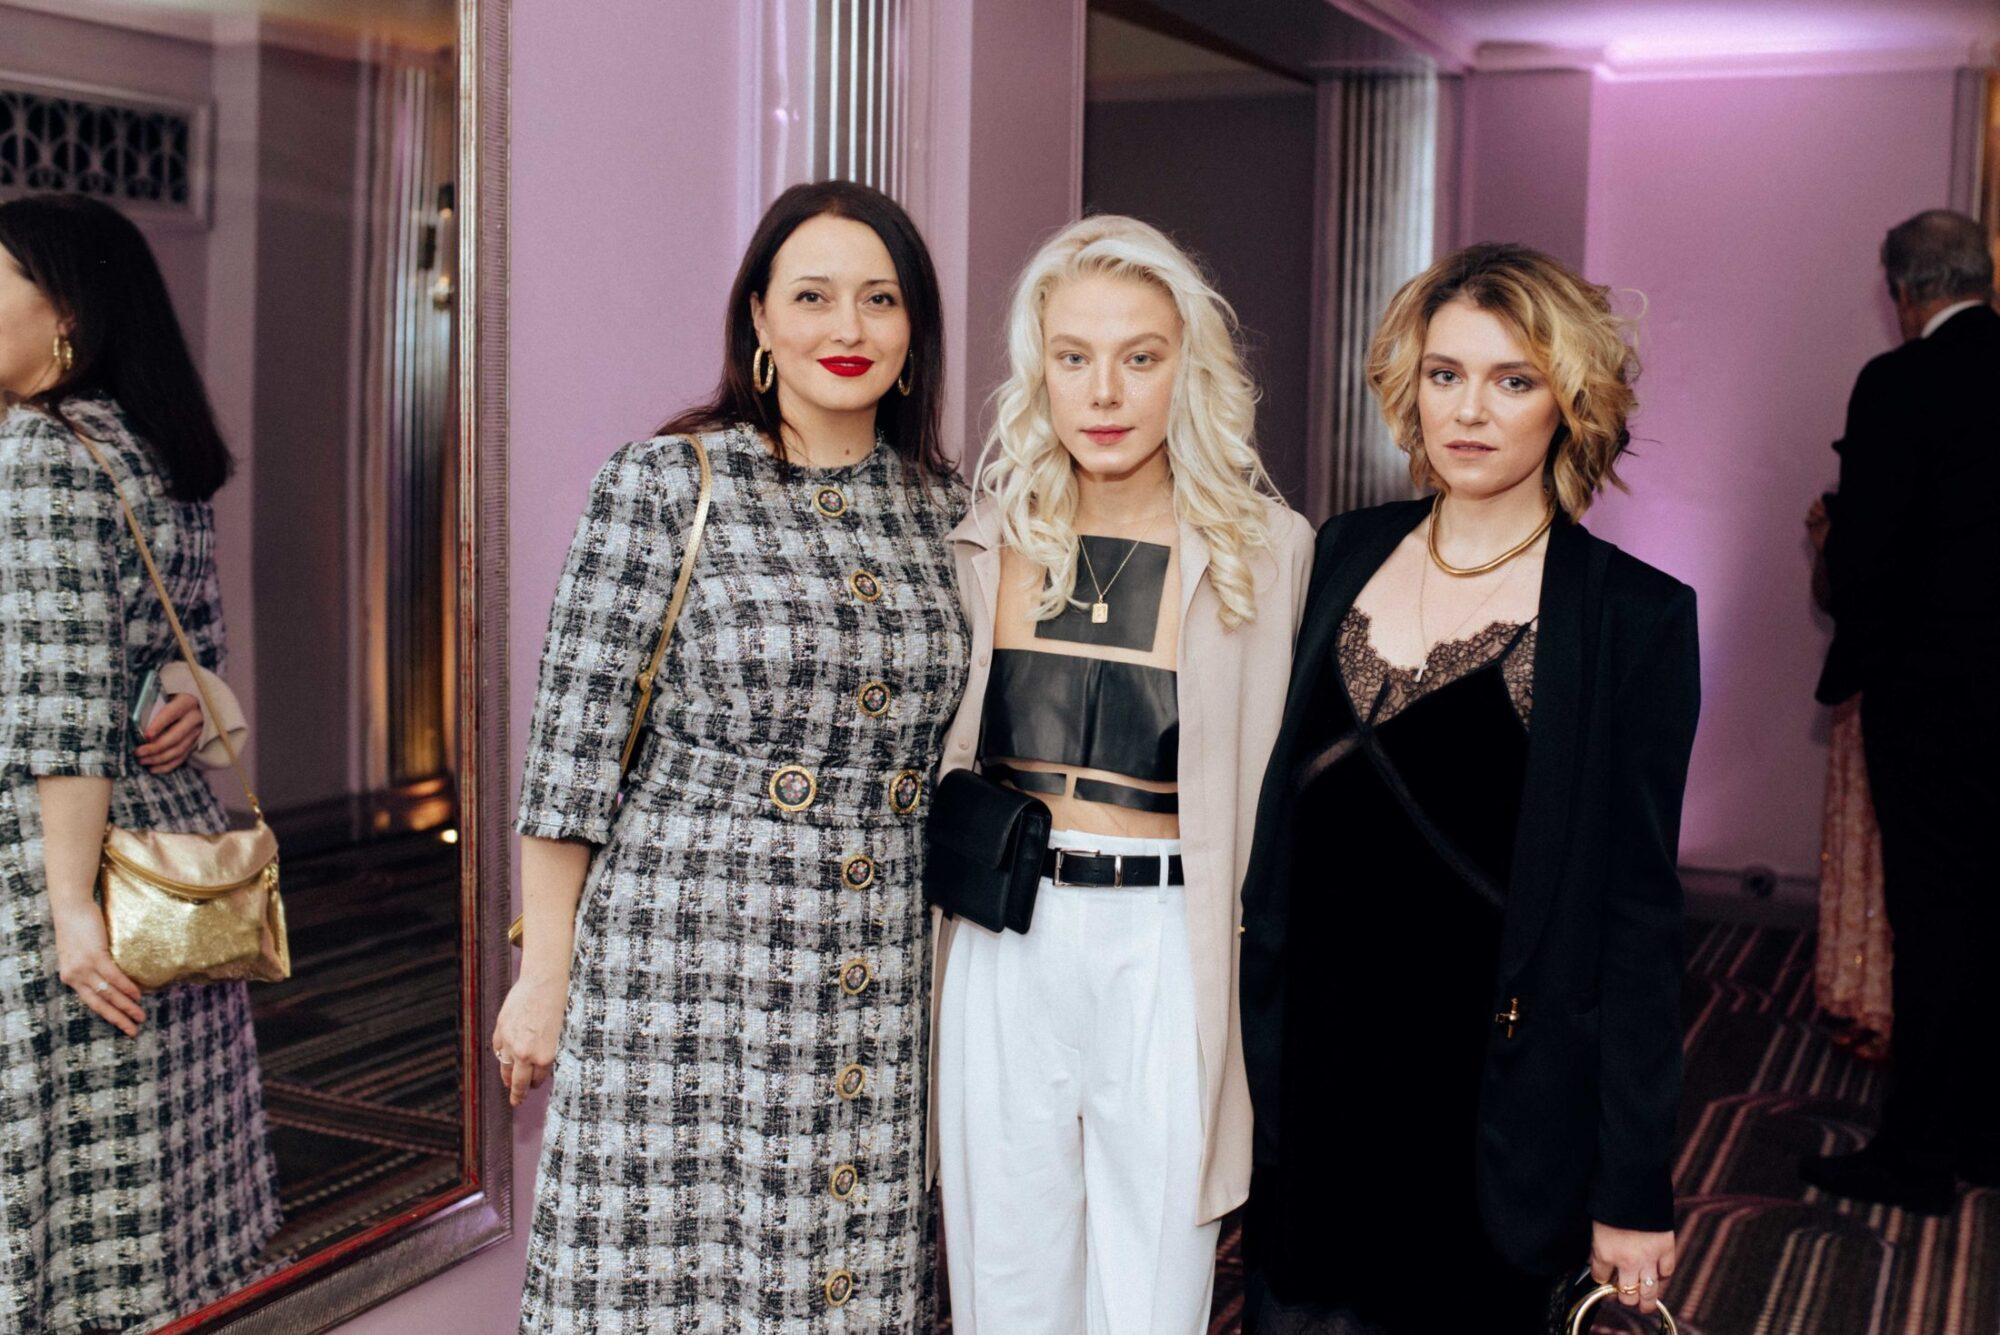 Наталья Гнеушева, Алена Михайлова, Мария Агранович